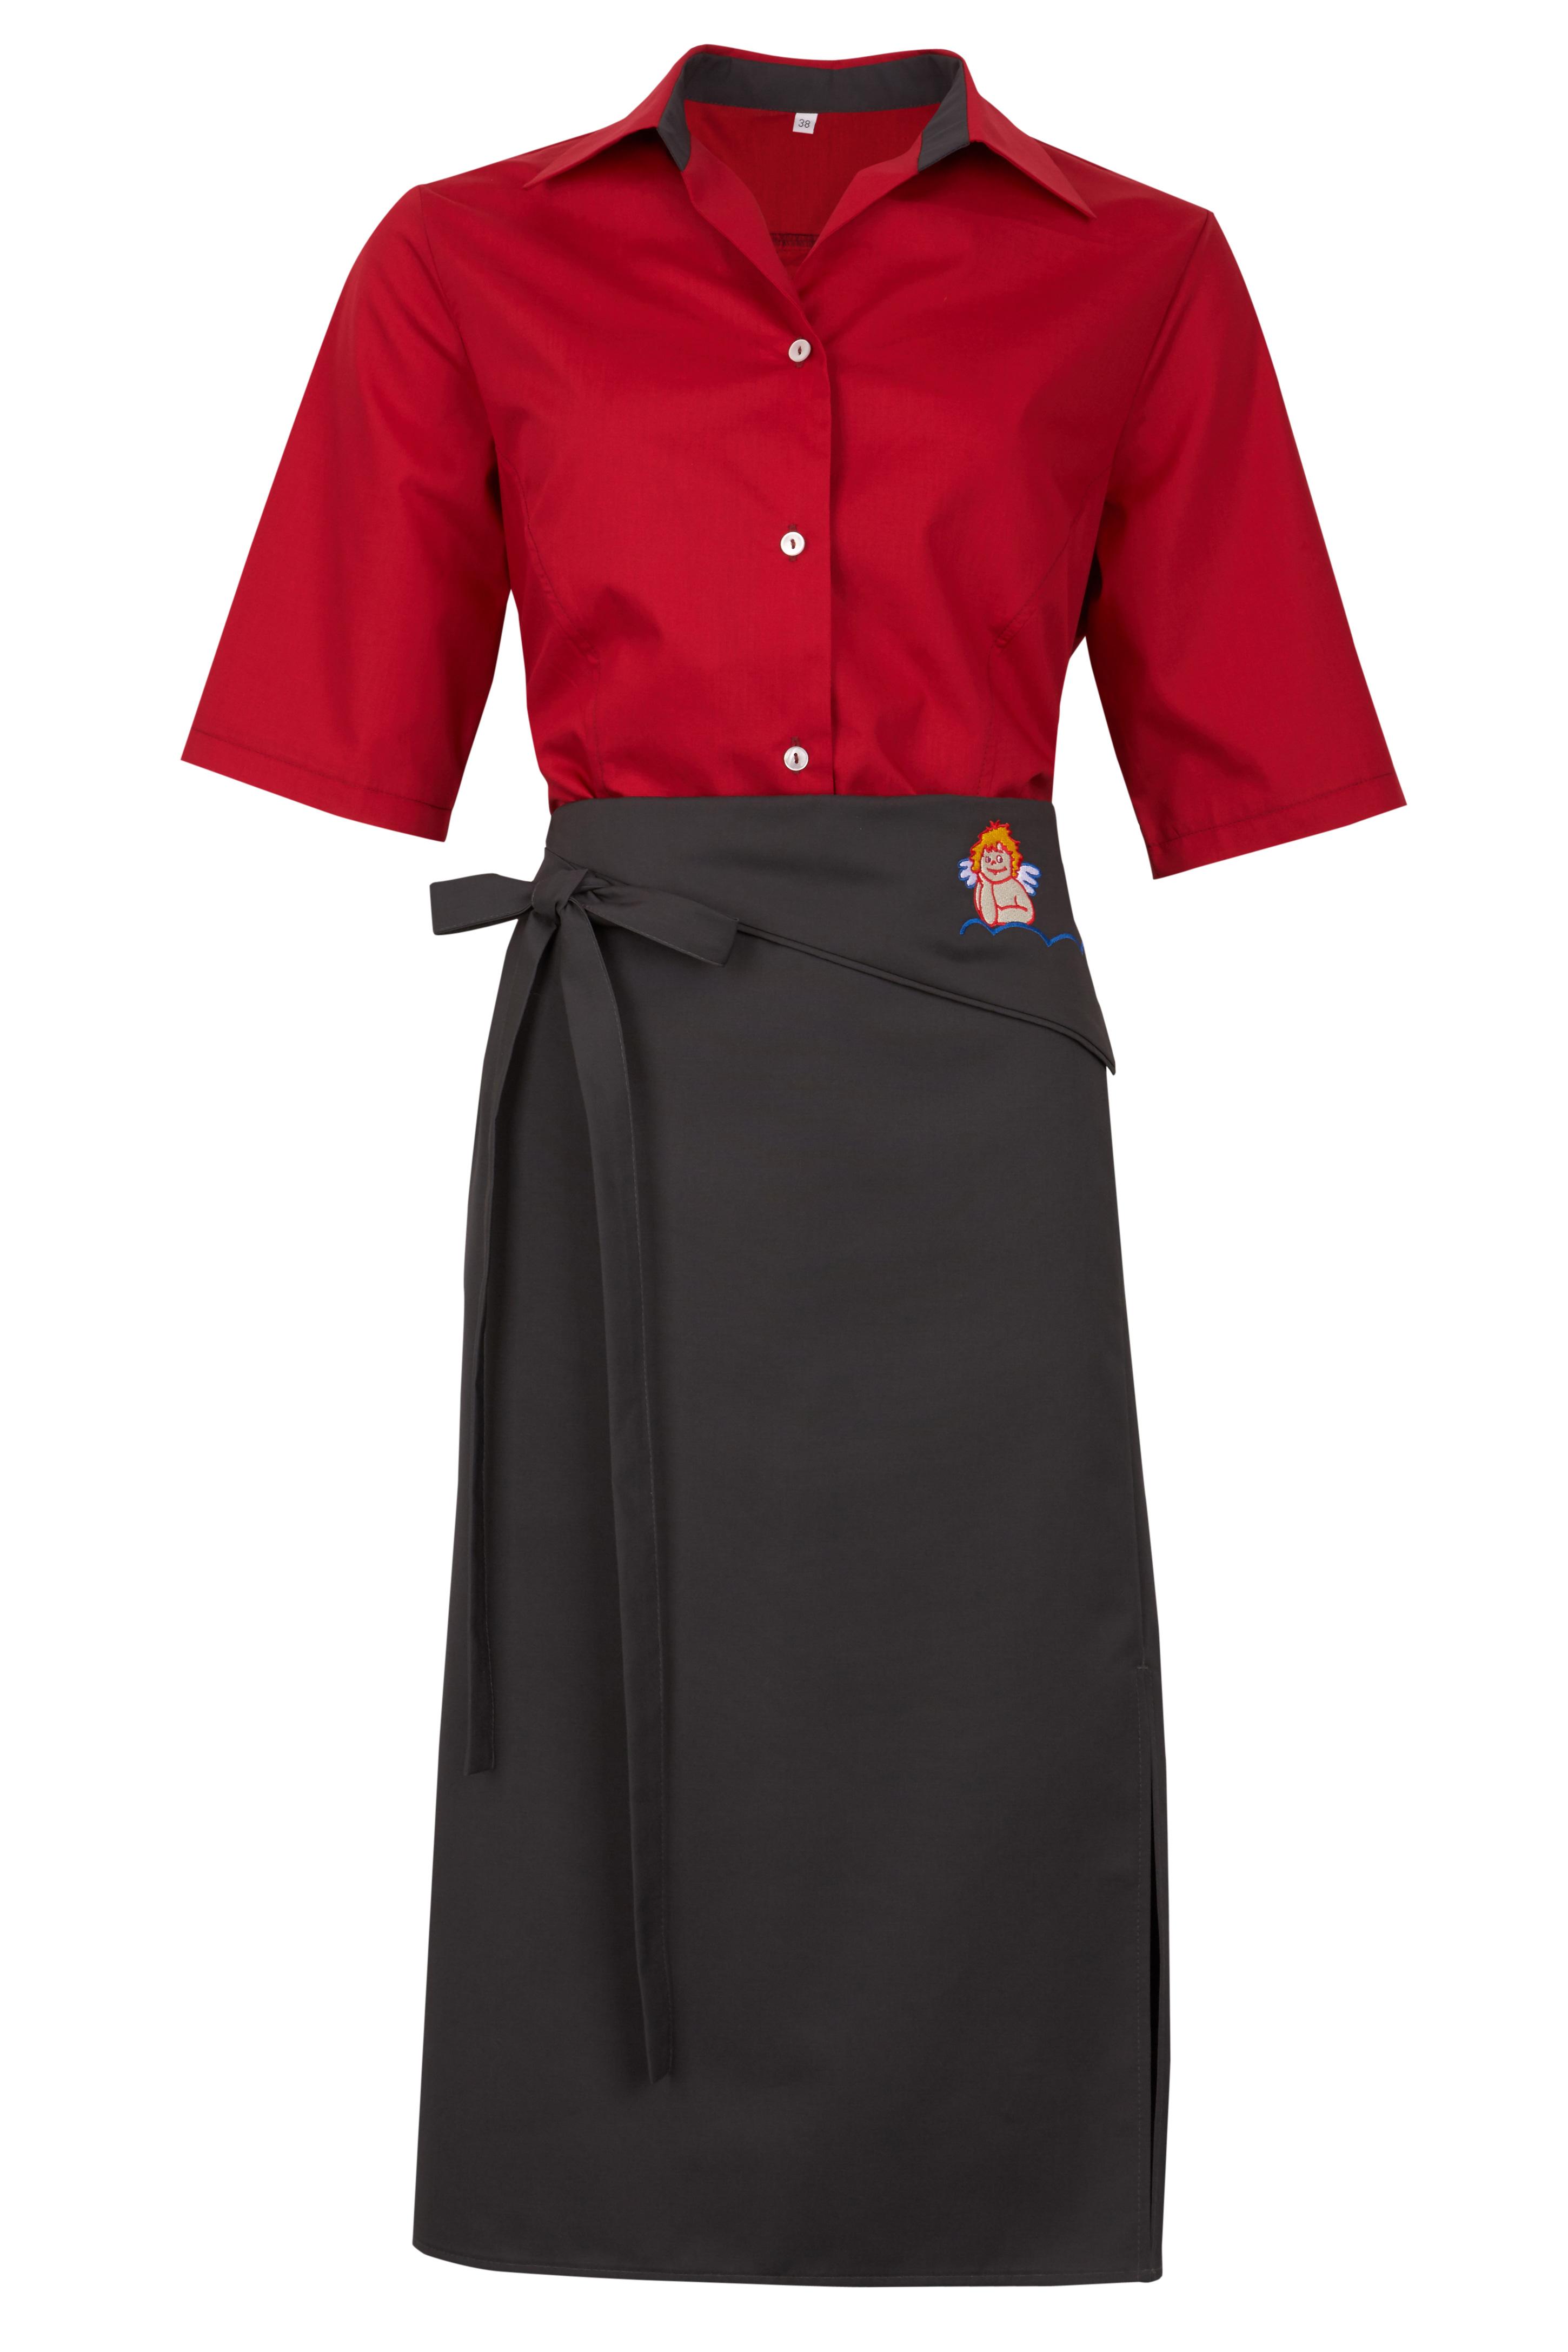 Rote Bluse mit schwarzer Schürze Set